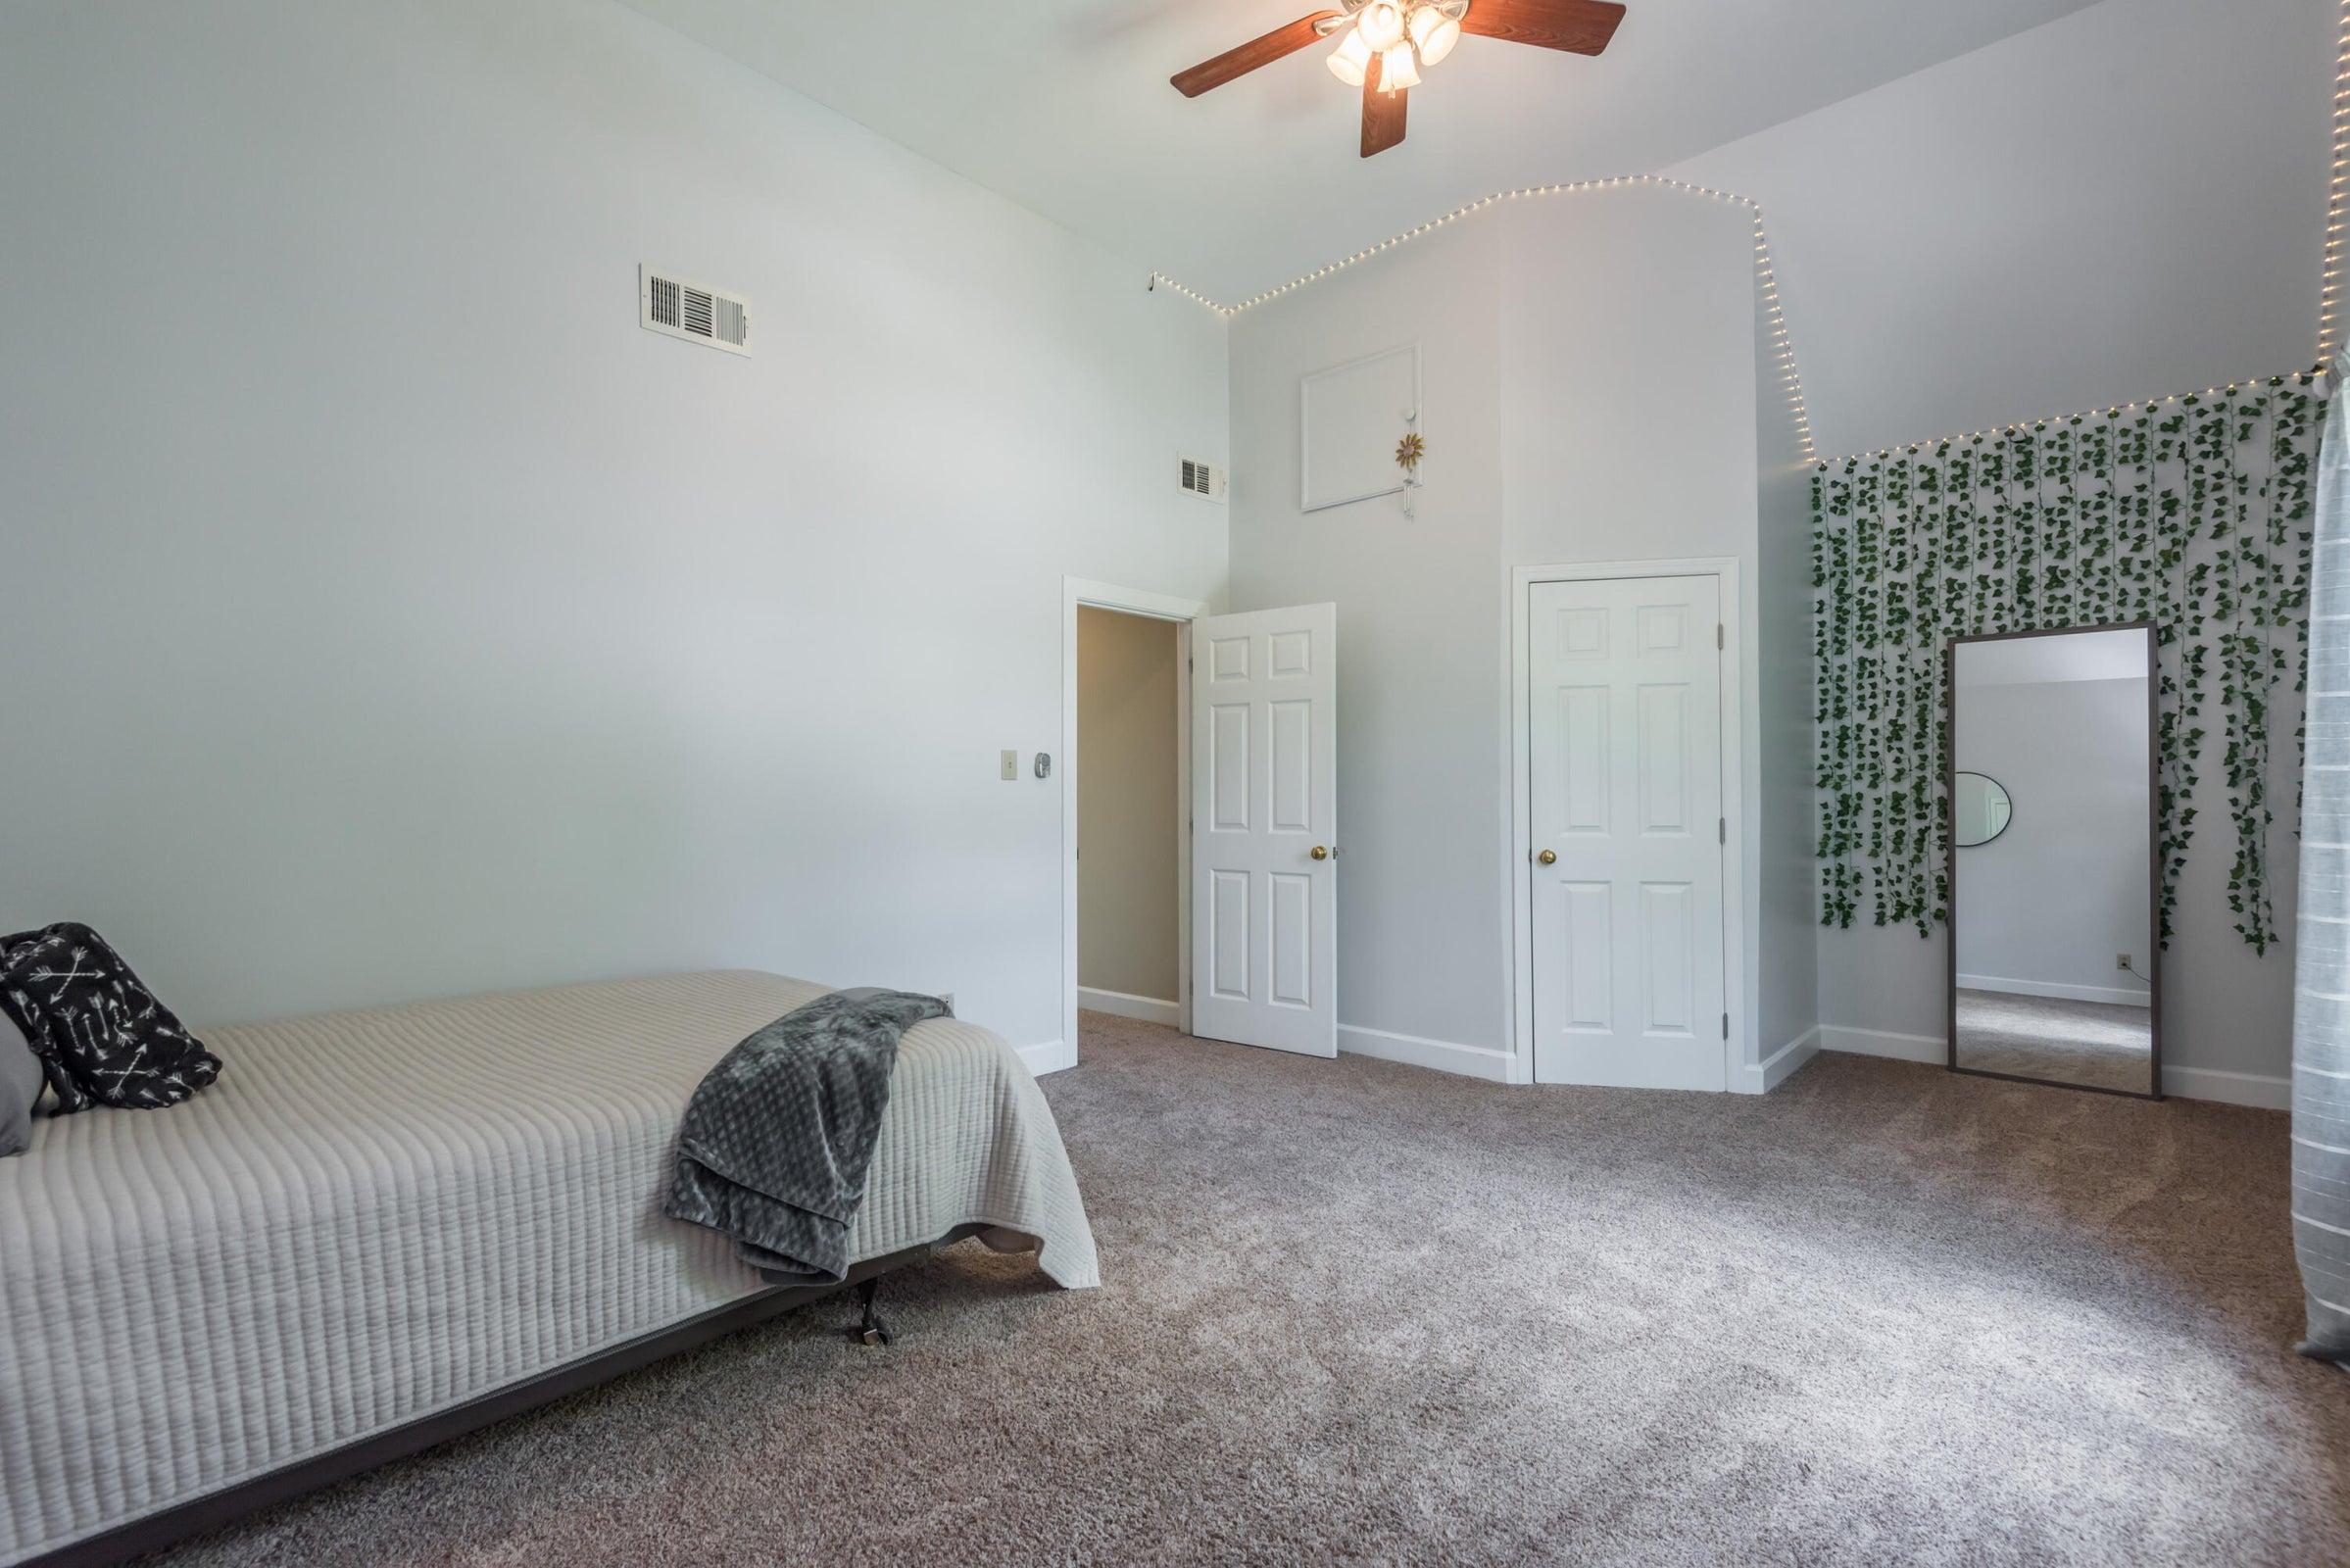 Bedroom 4/Bonus Room